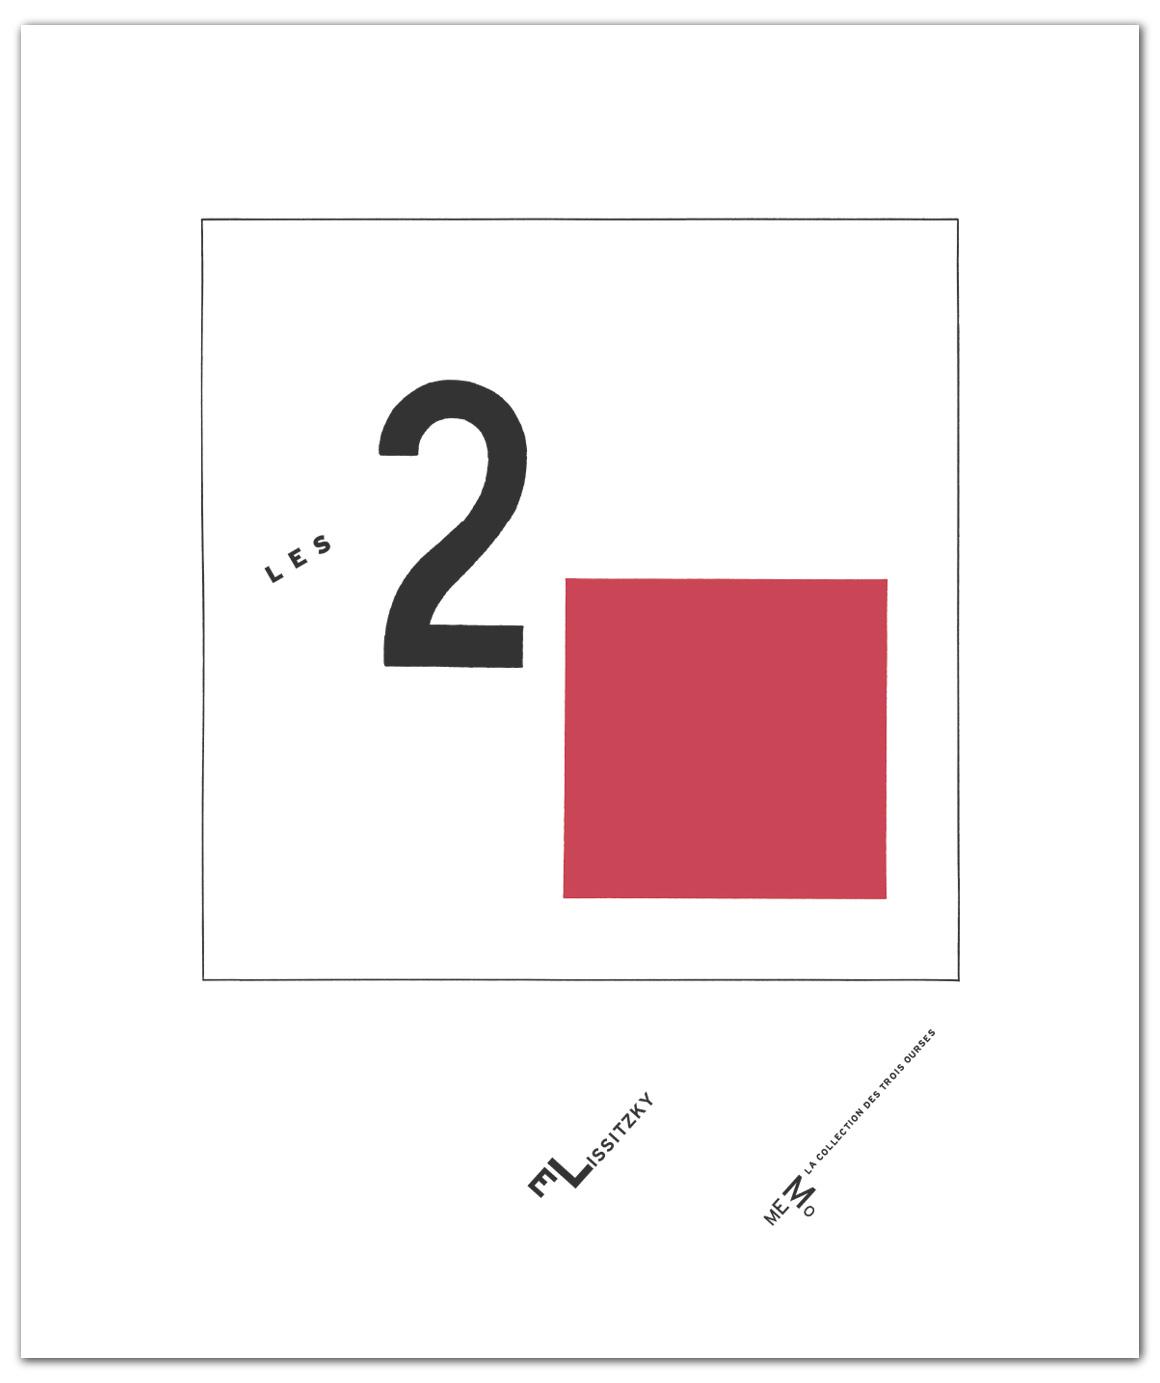 Les deux carrés